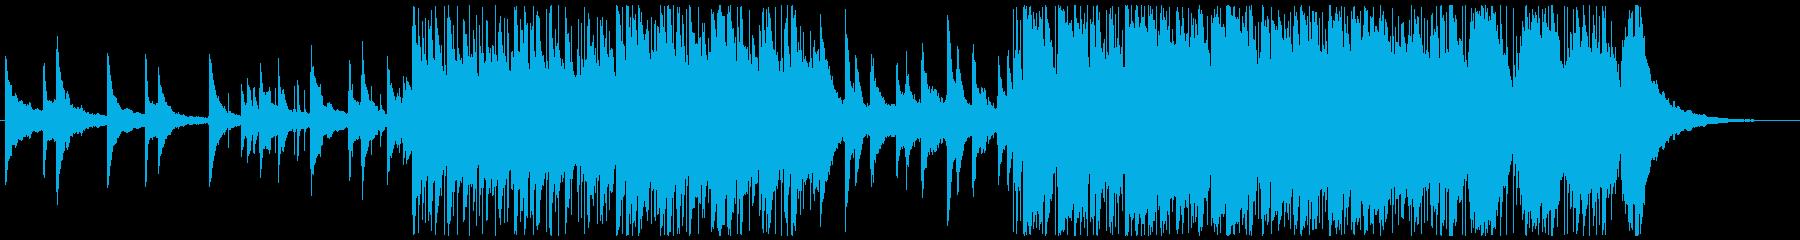 ポジティブで刺激的なポップロックの再生済みの波形